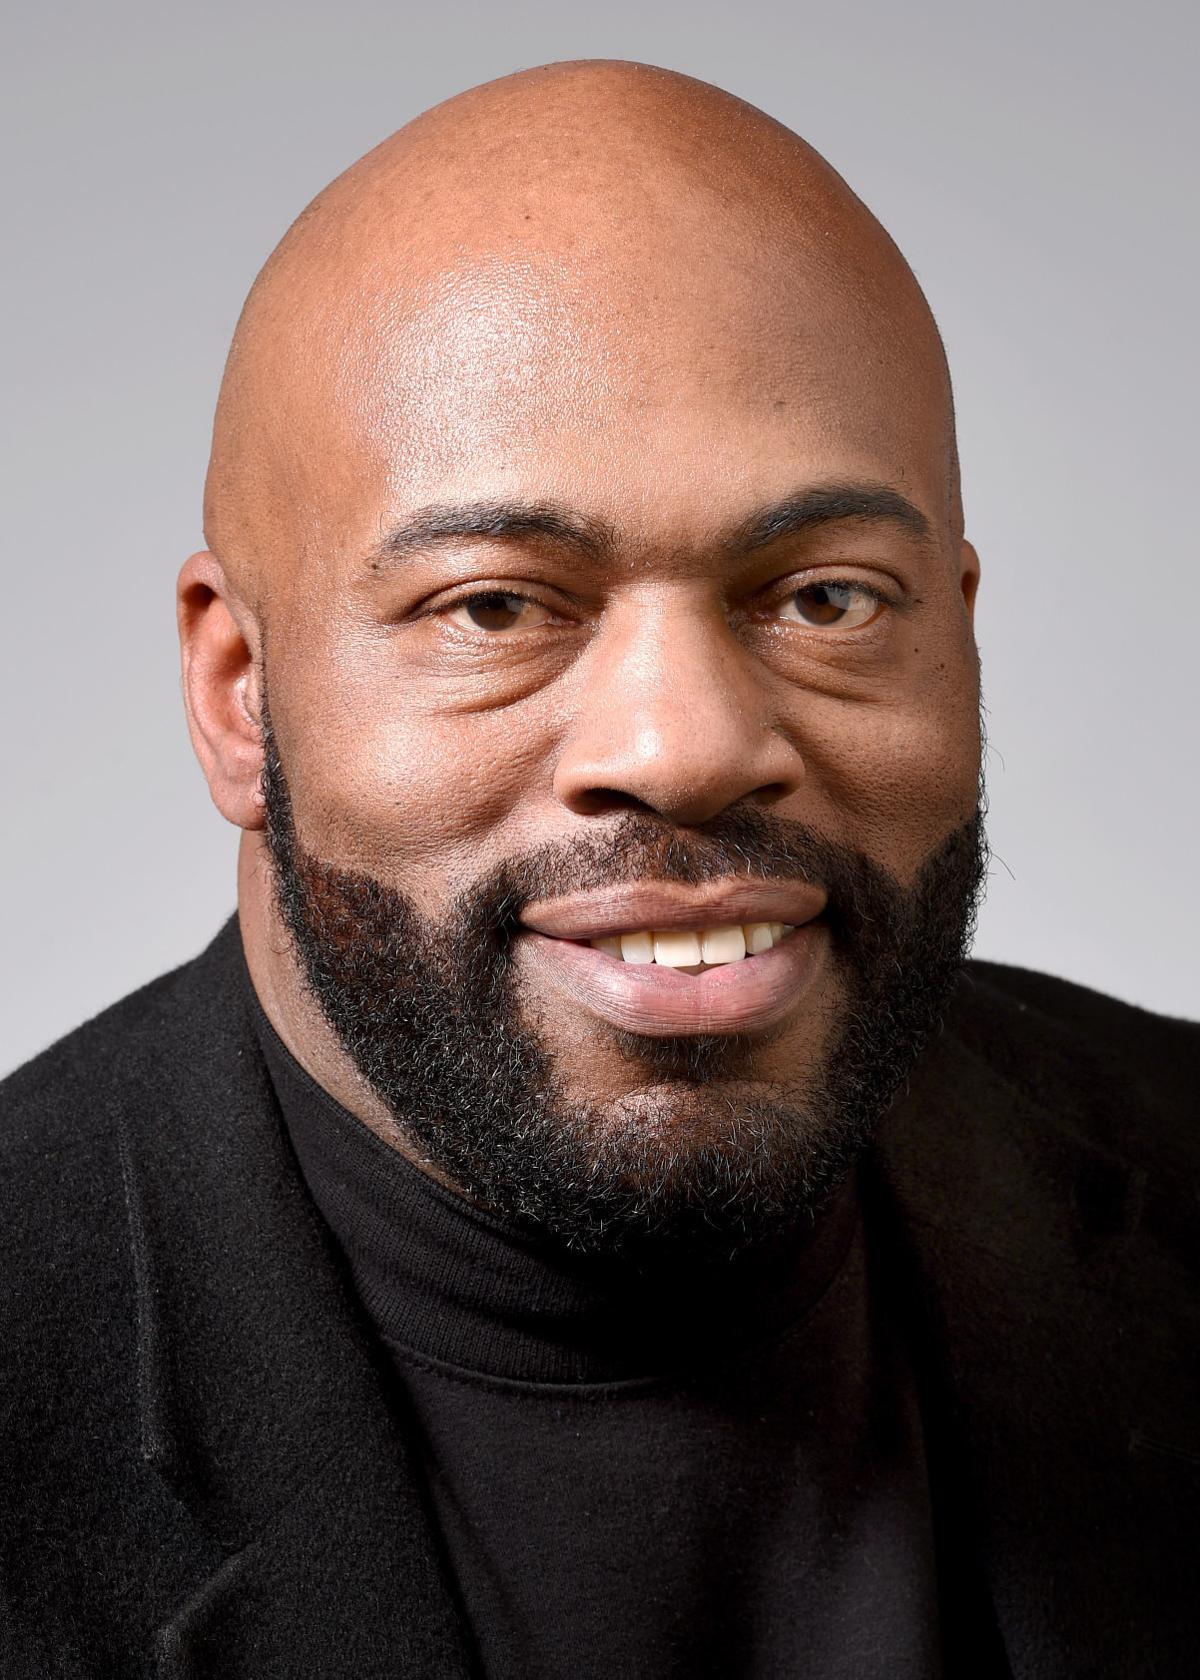 Daryl Carter